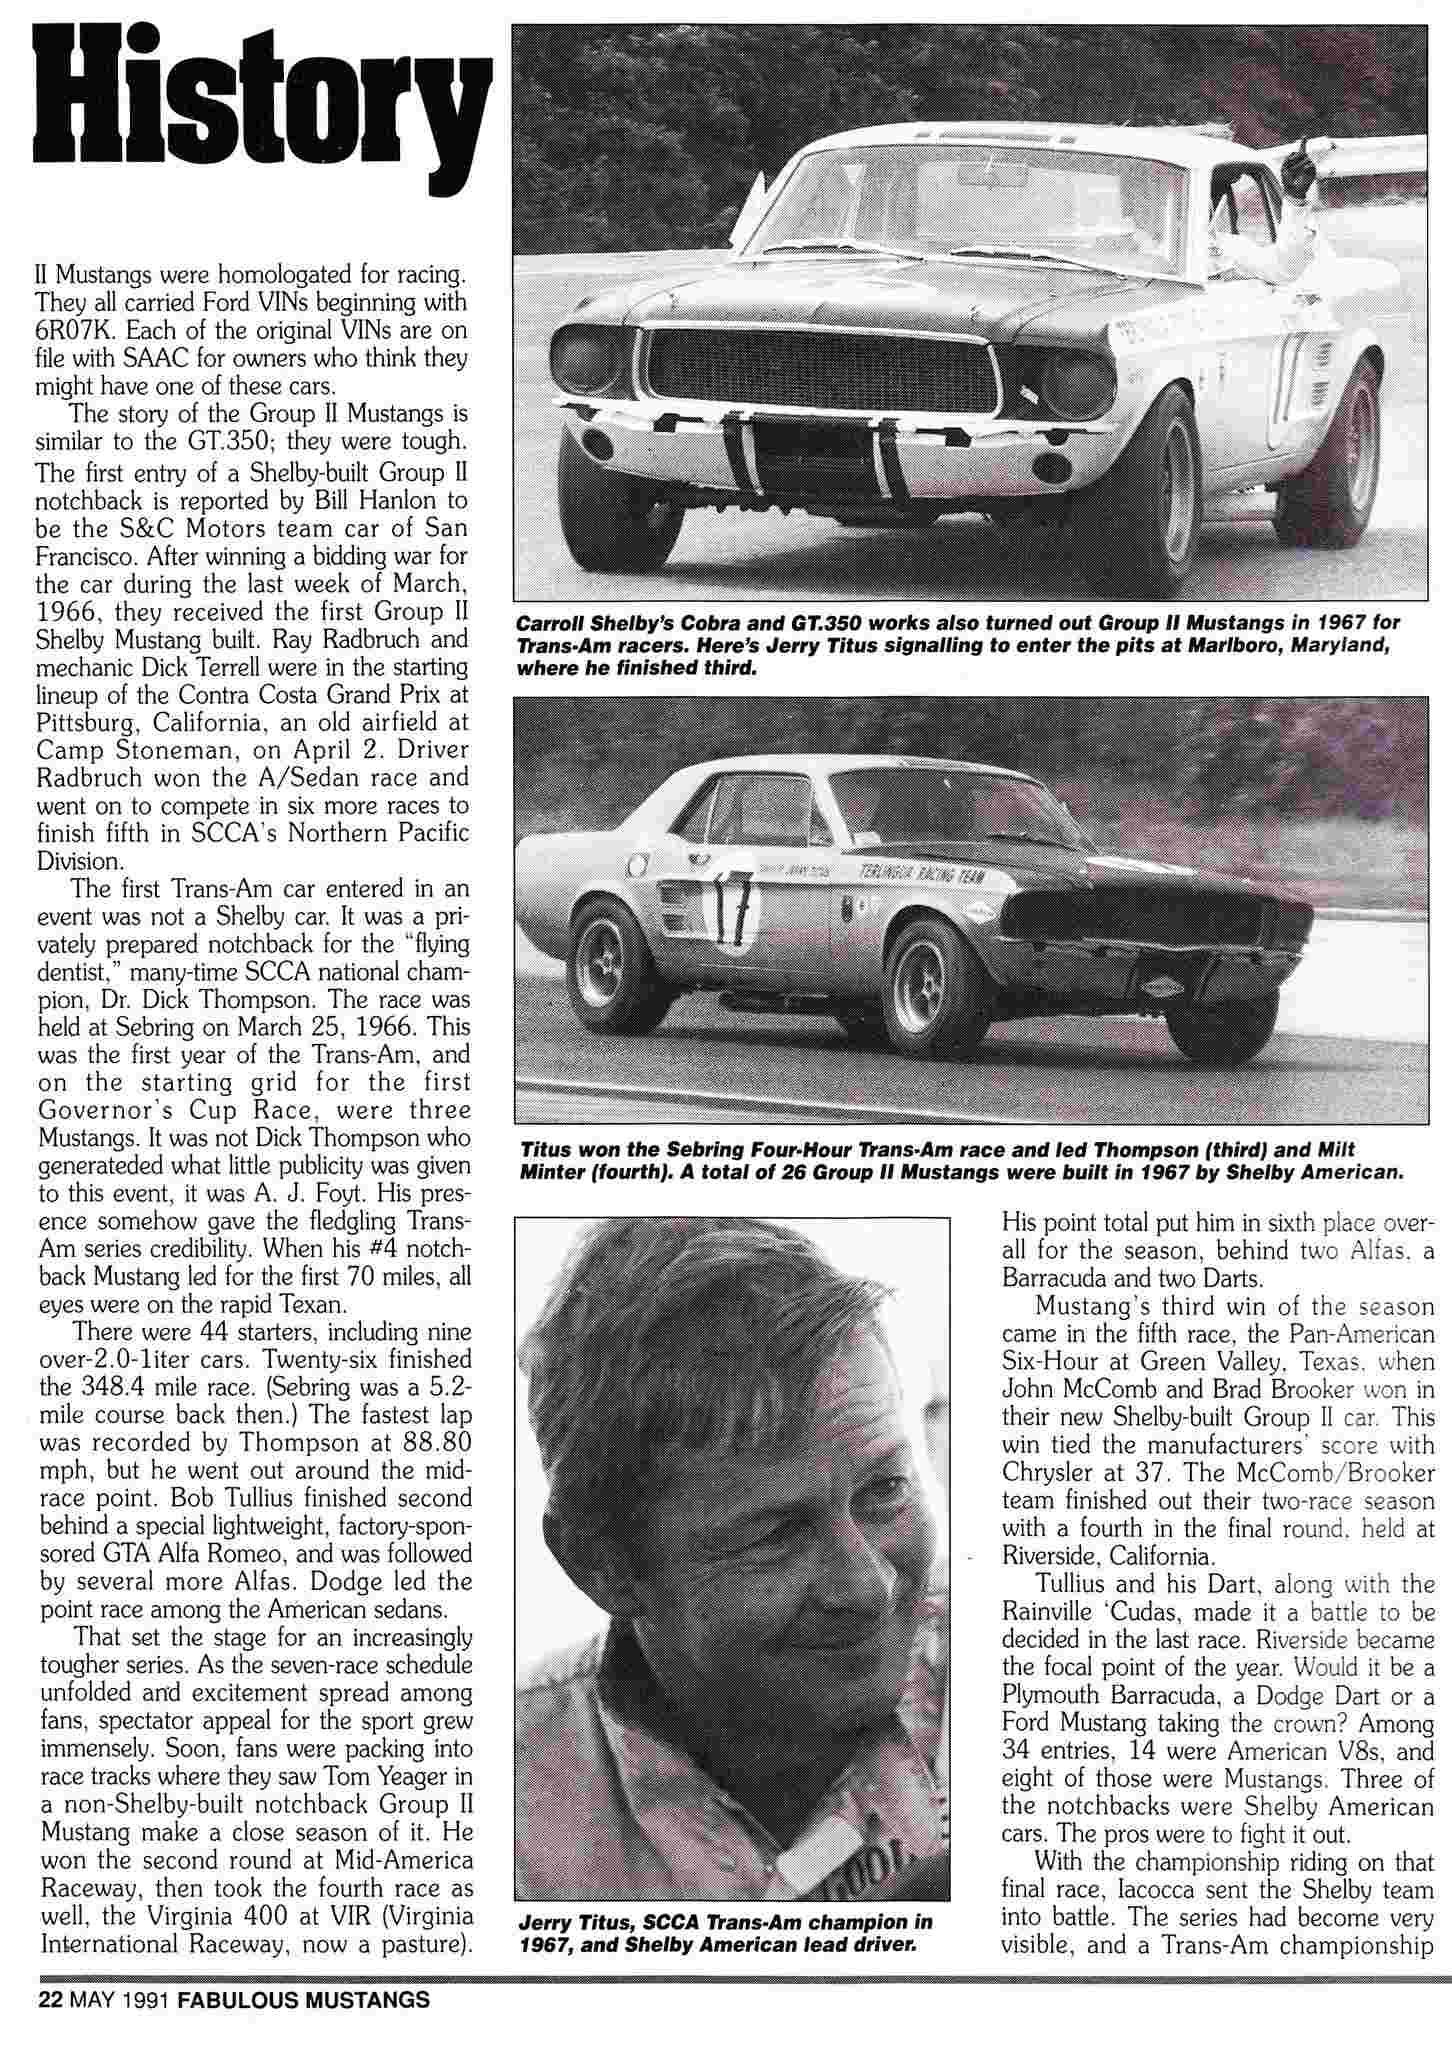 L'équipe de course Terlingua de Shelby-American en 1967 Titus_10